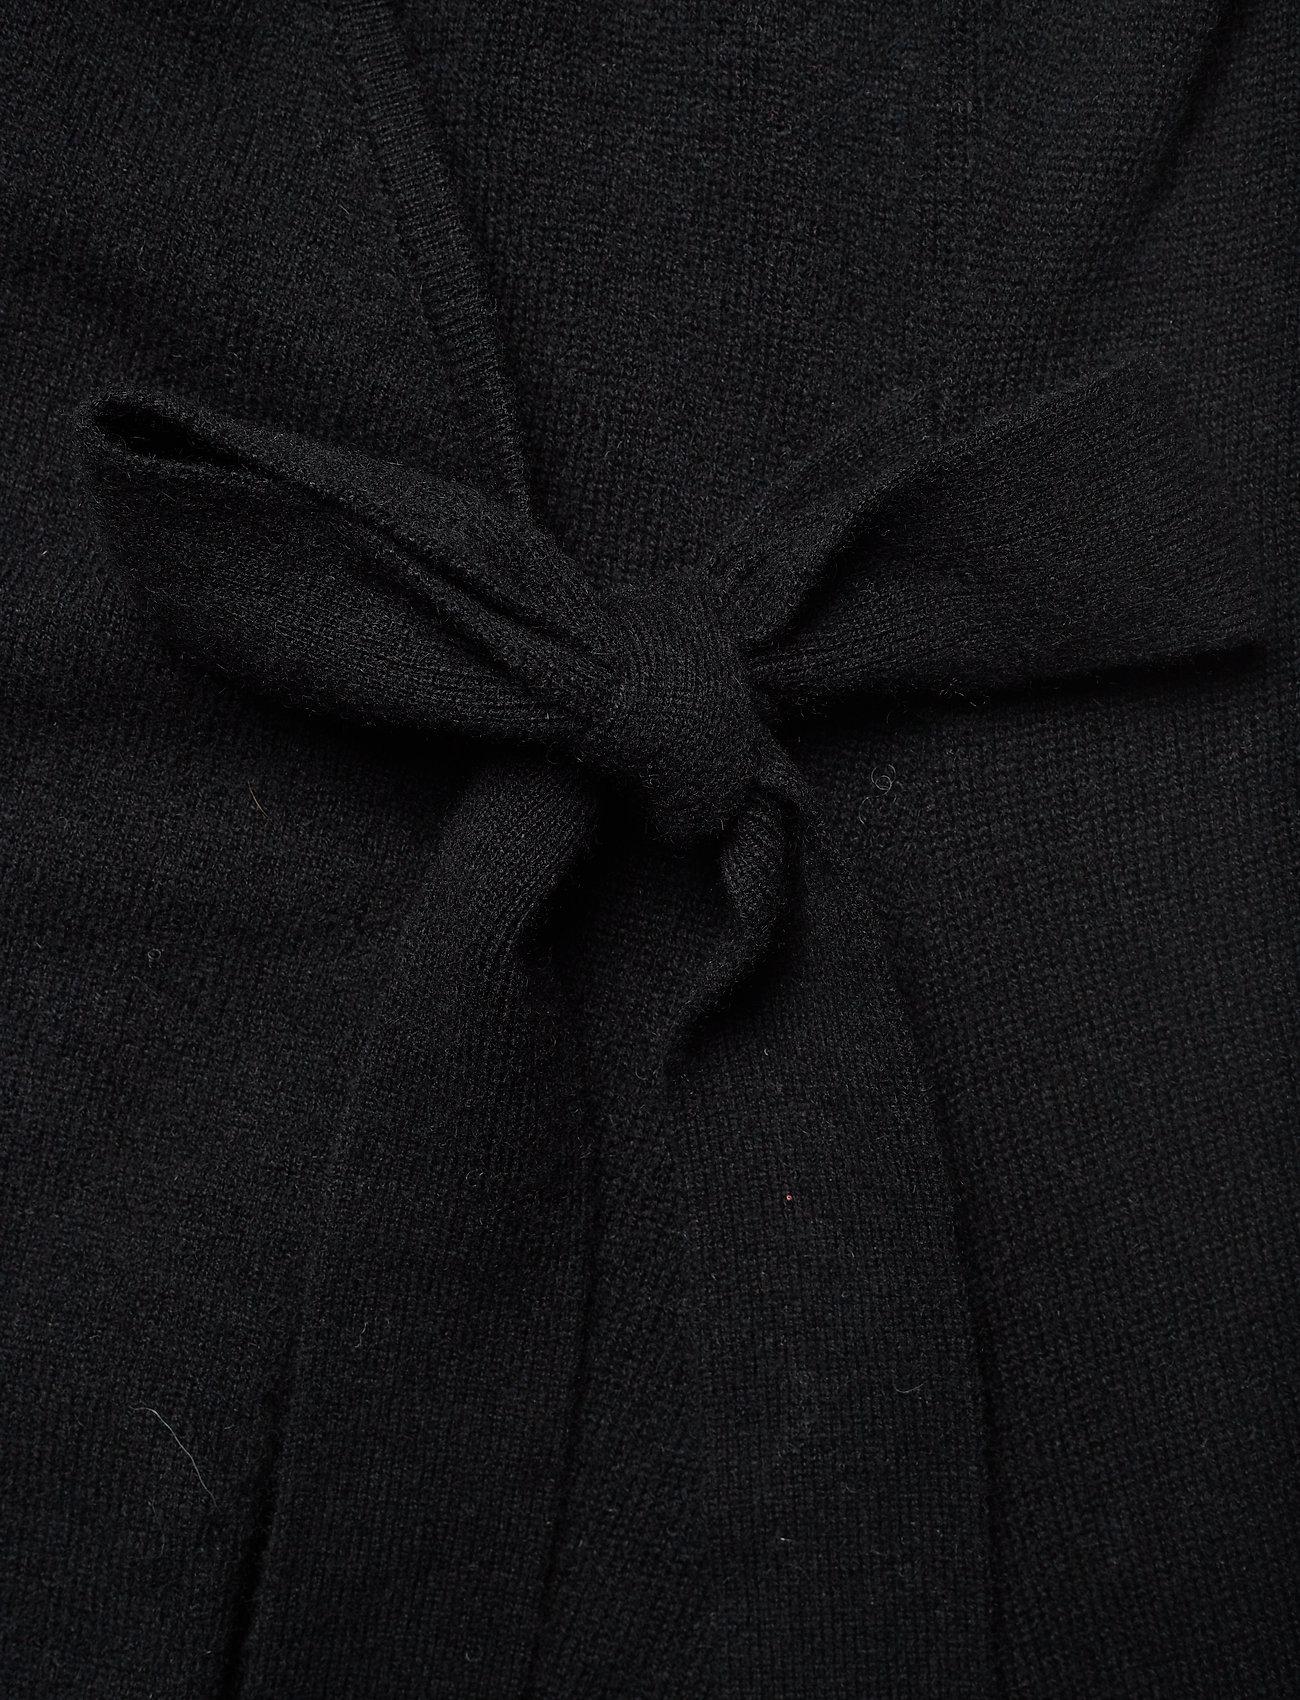 Wrap Over Dress  - Davida Cashmere